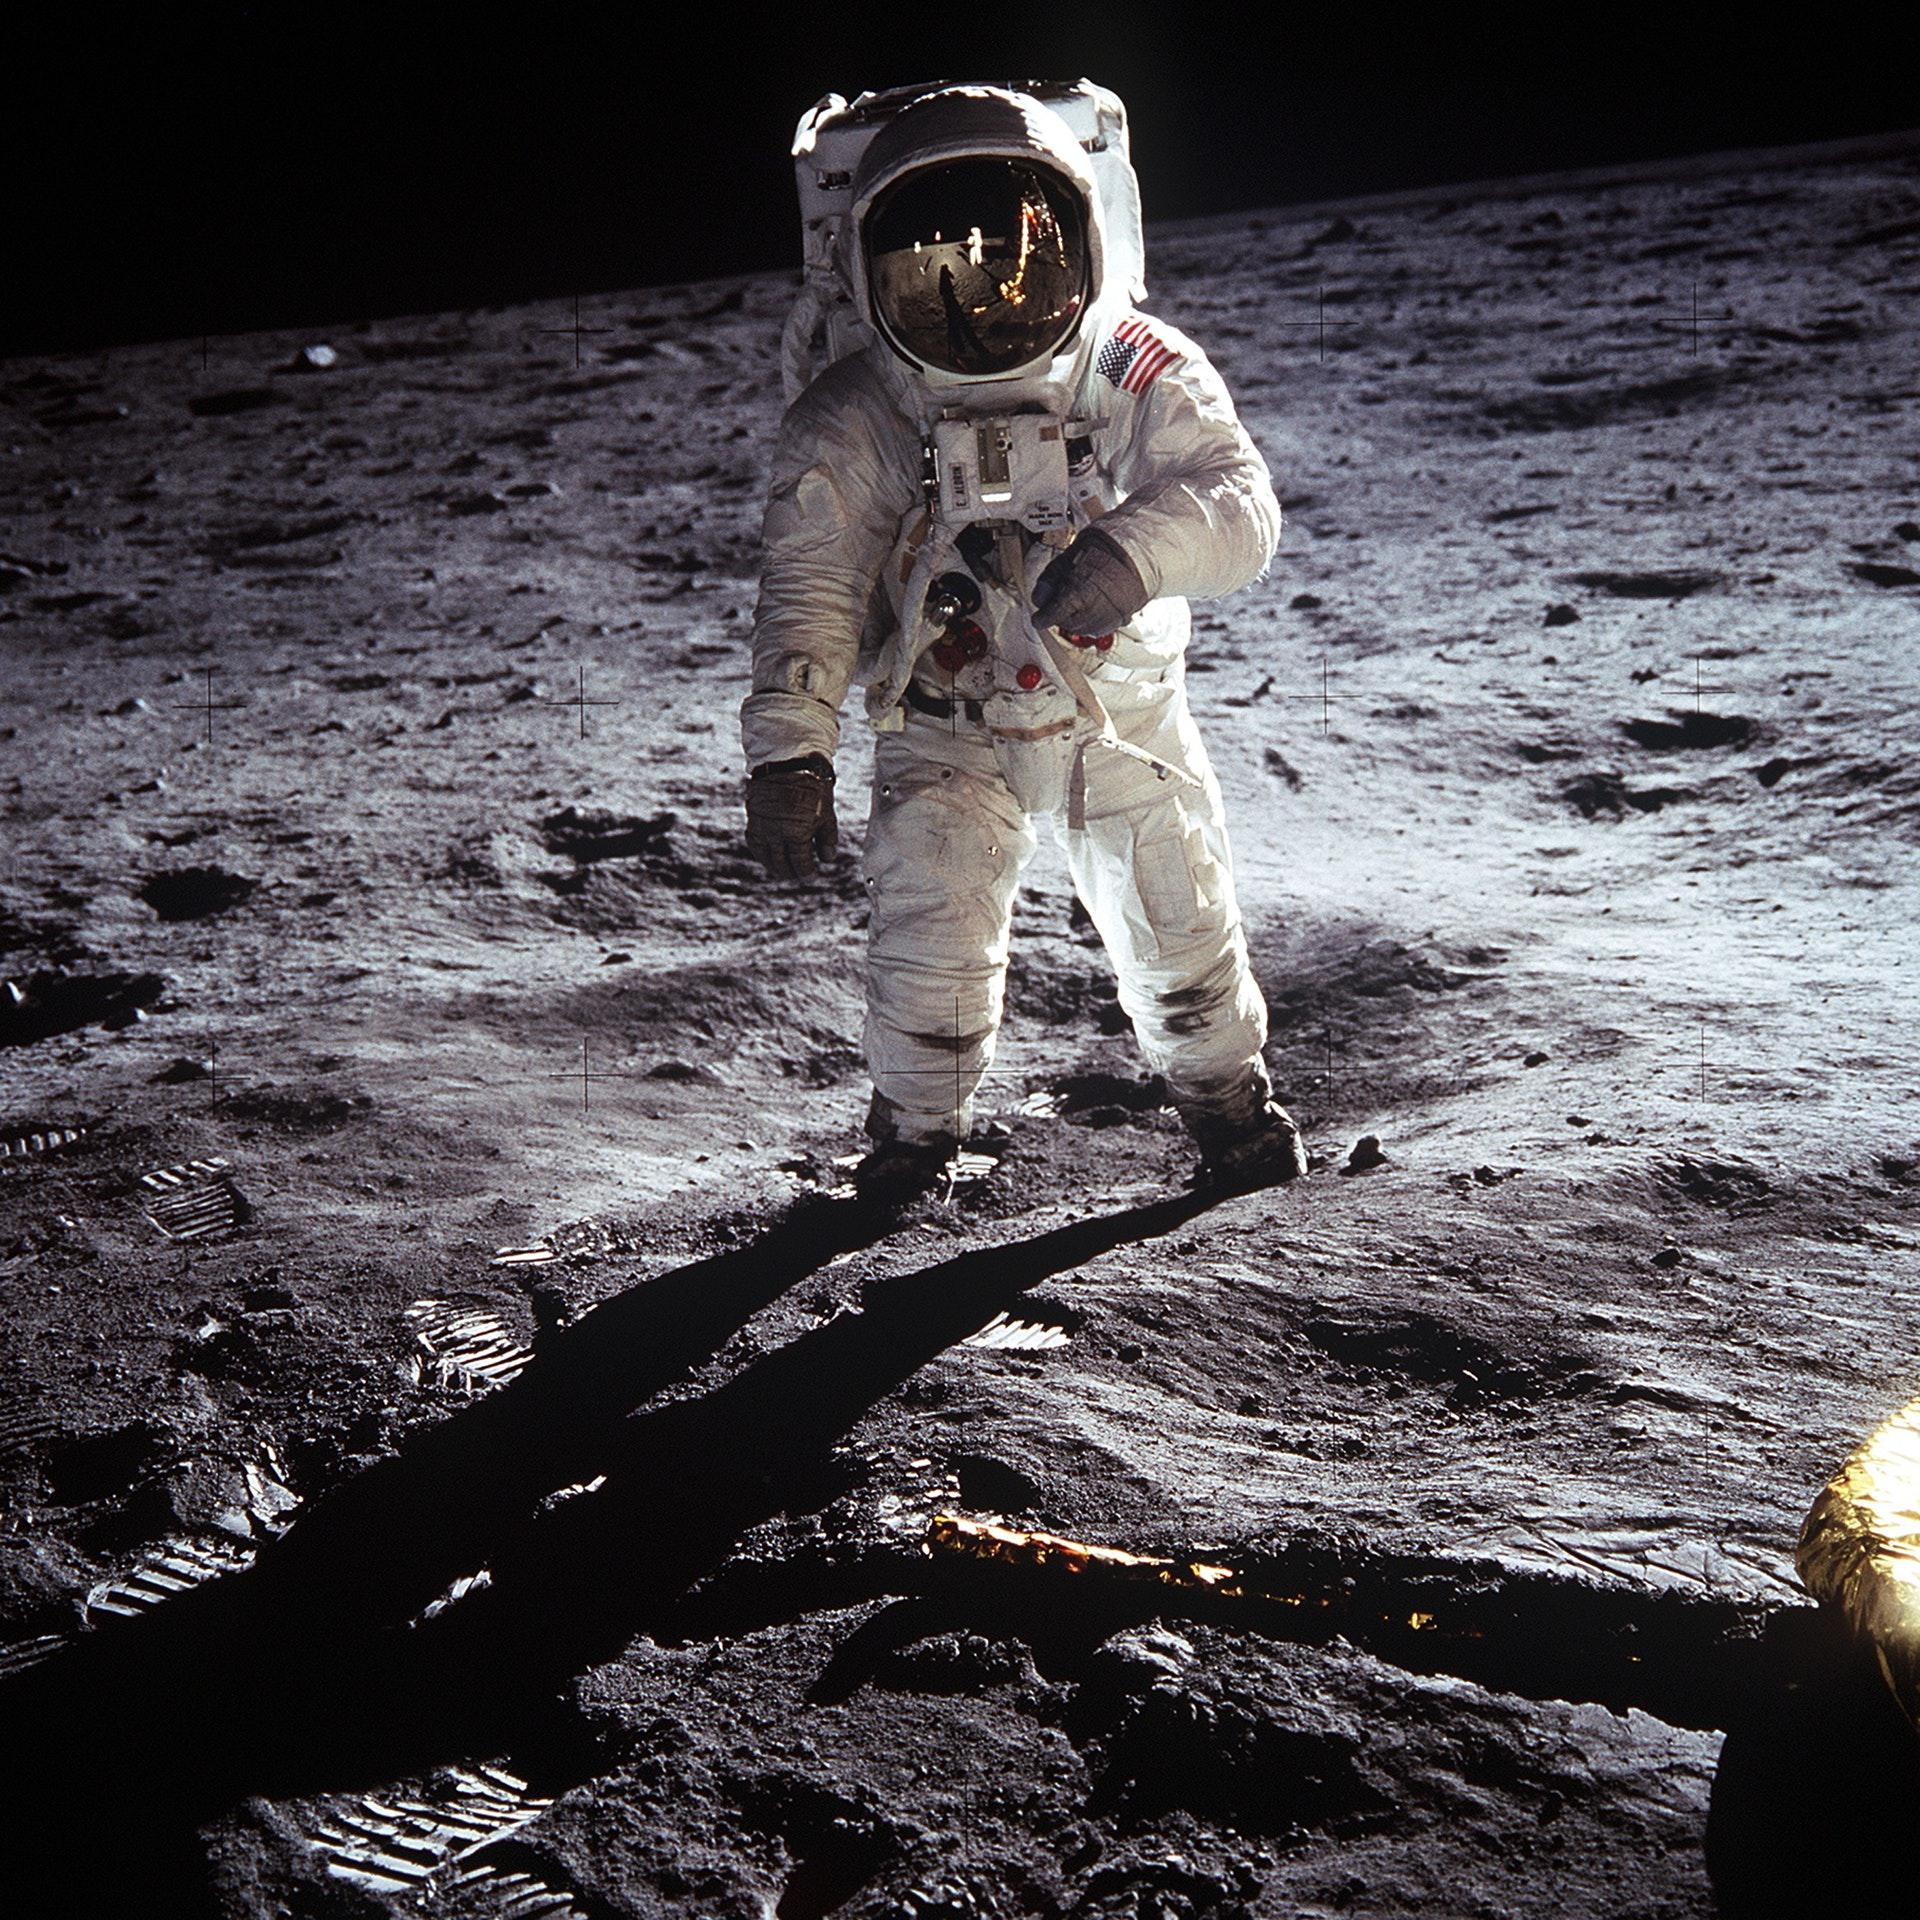 عکس زمینه فضانورد روی کره ماه پس زمینه